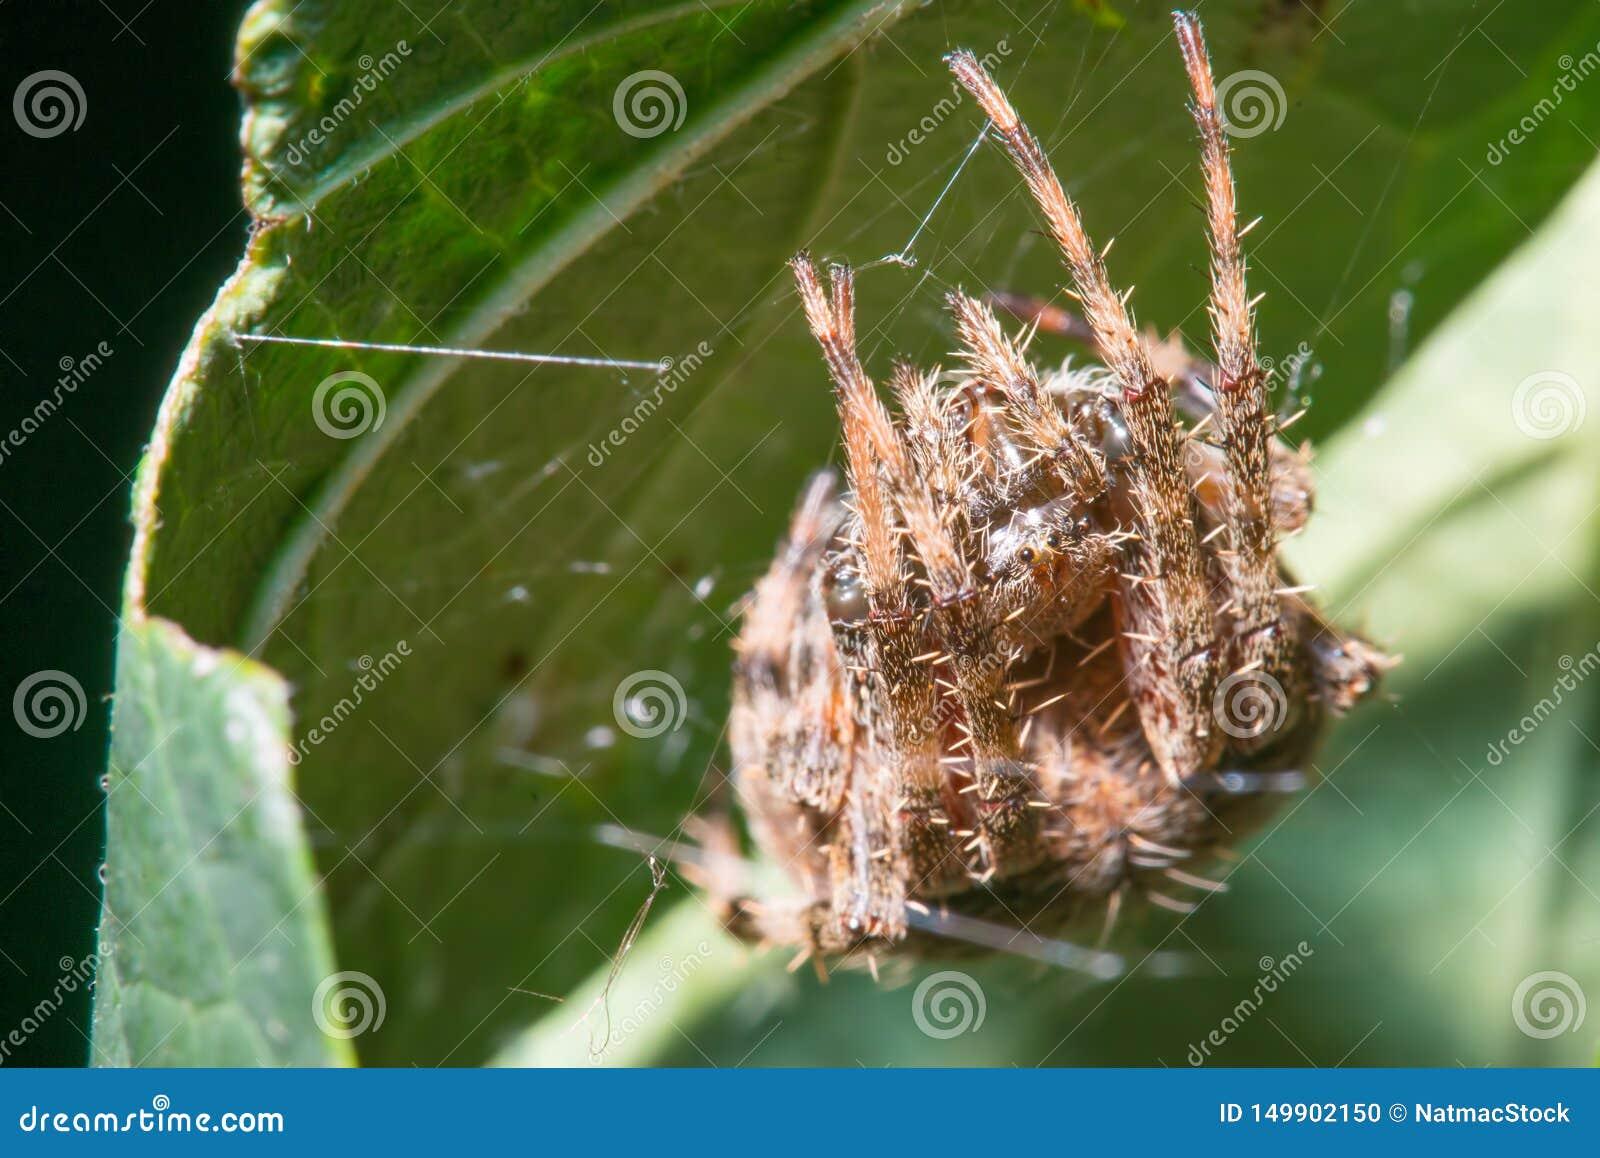 Especie de la araña del arácnido del patio trasero en su web en la parte trasera de una hoja verde - en Minnesota